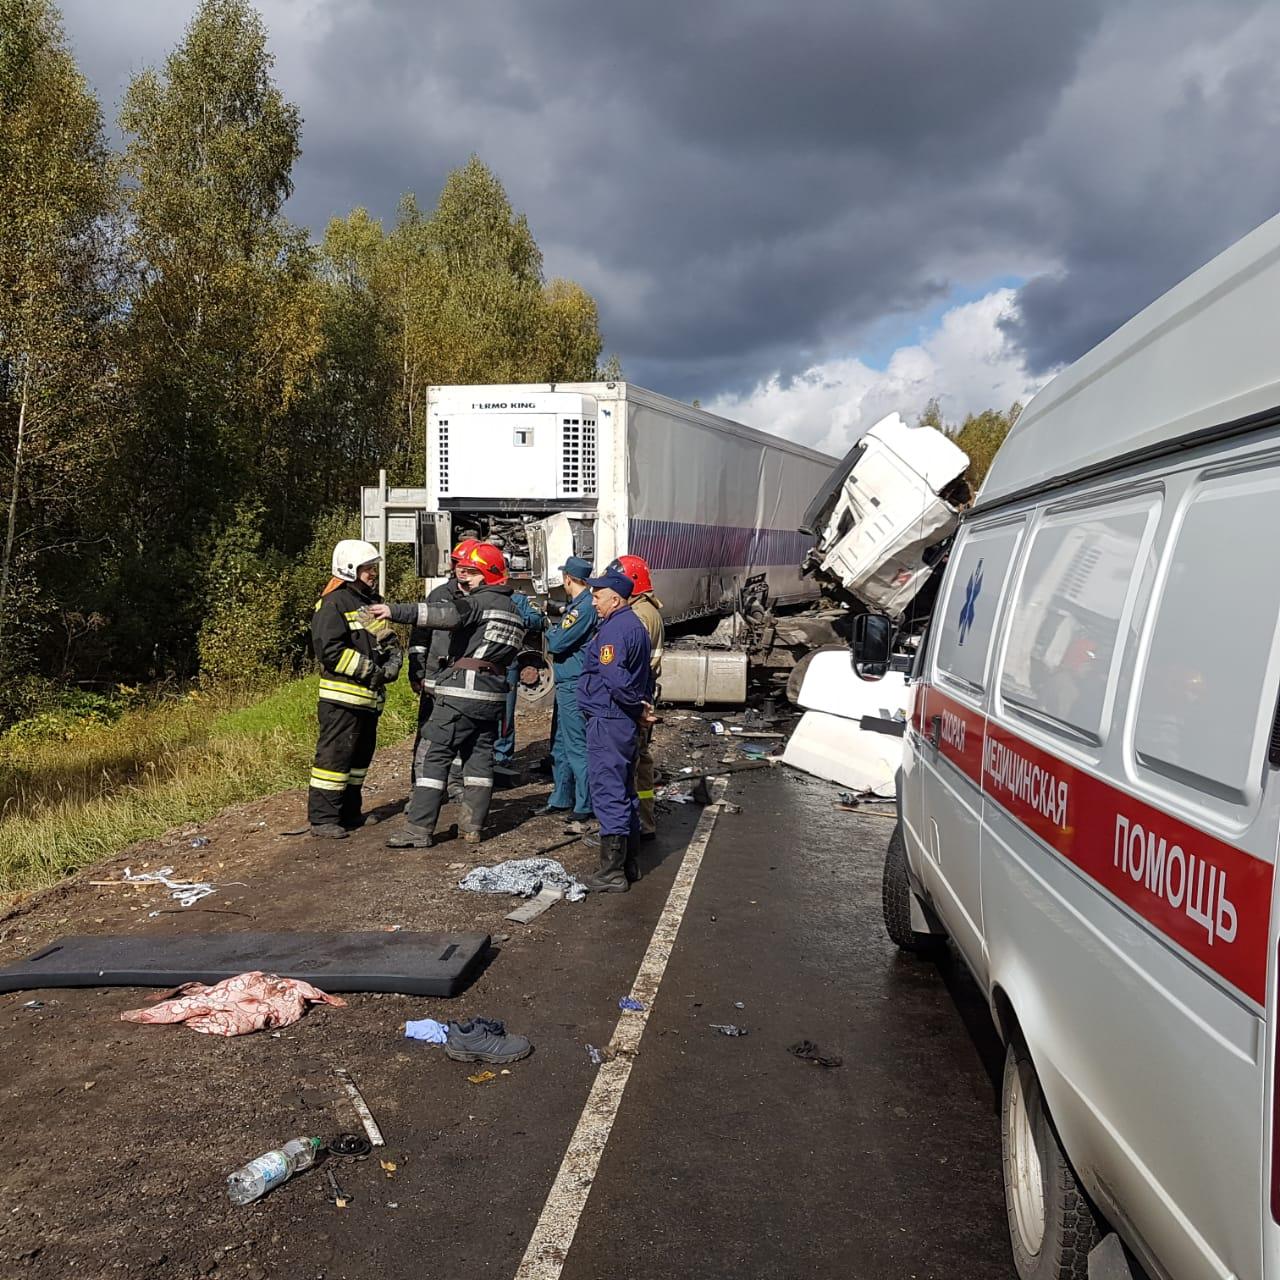 25 пострадавших в страшном в ДТП в Ярославской области размещены в больницах региона